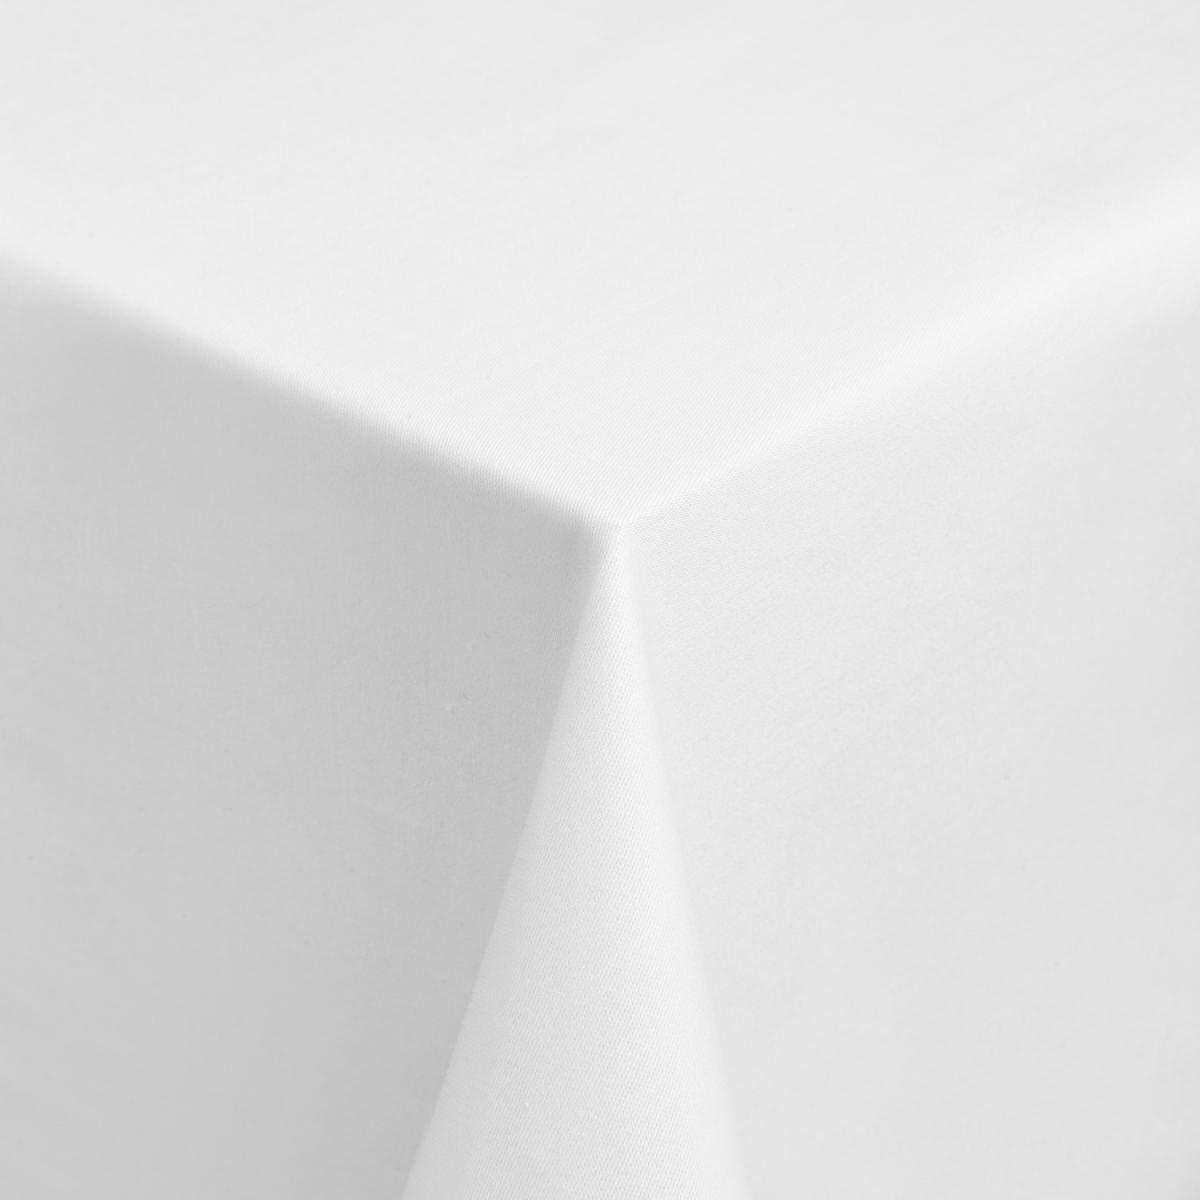 Tischdecke Countryline rechteckig, 150x190cm (BxL), weiß, rechteckig, 1 Stück Stück 1 b148b7